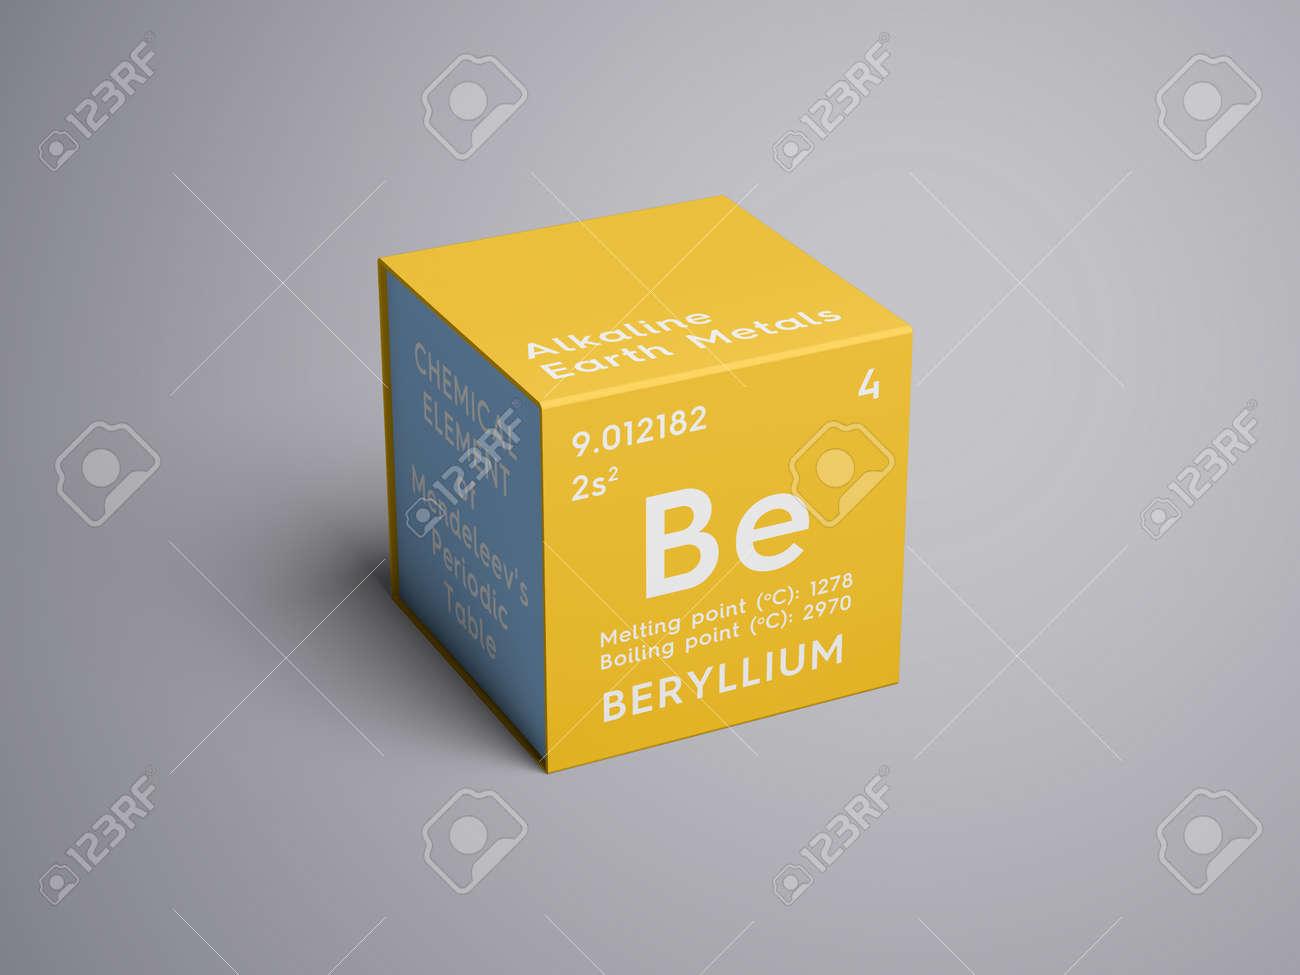 Berilio metales alcalinotrreos elemento qumico de la tabla berilio metales alcalinotrreos elemento qumico de la tabla peridica de mendeleev berilio en urtaz Choice Image